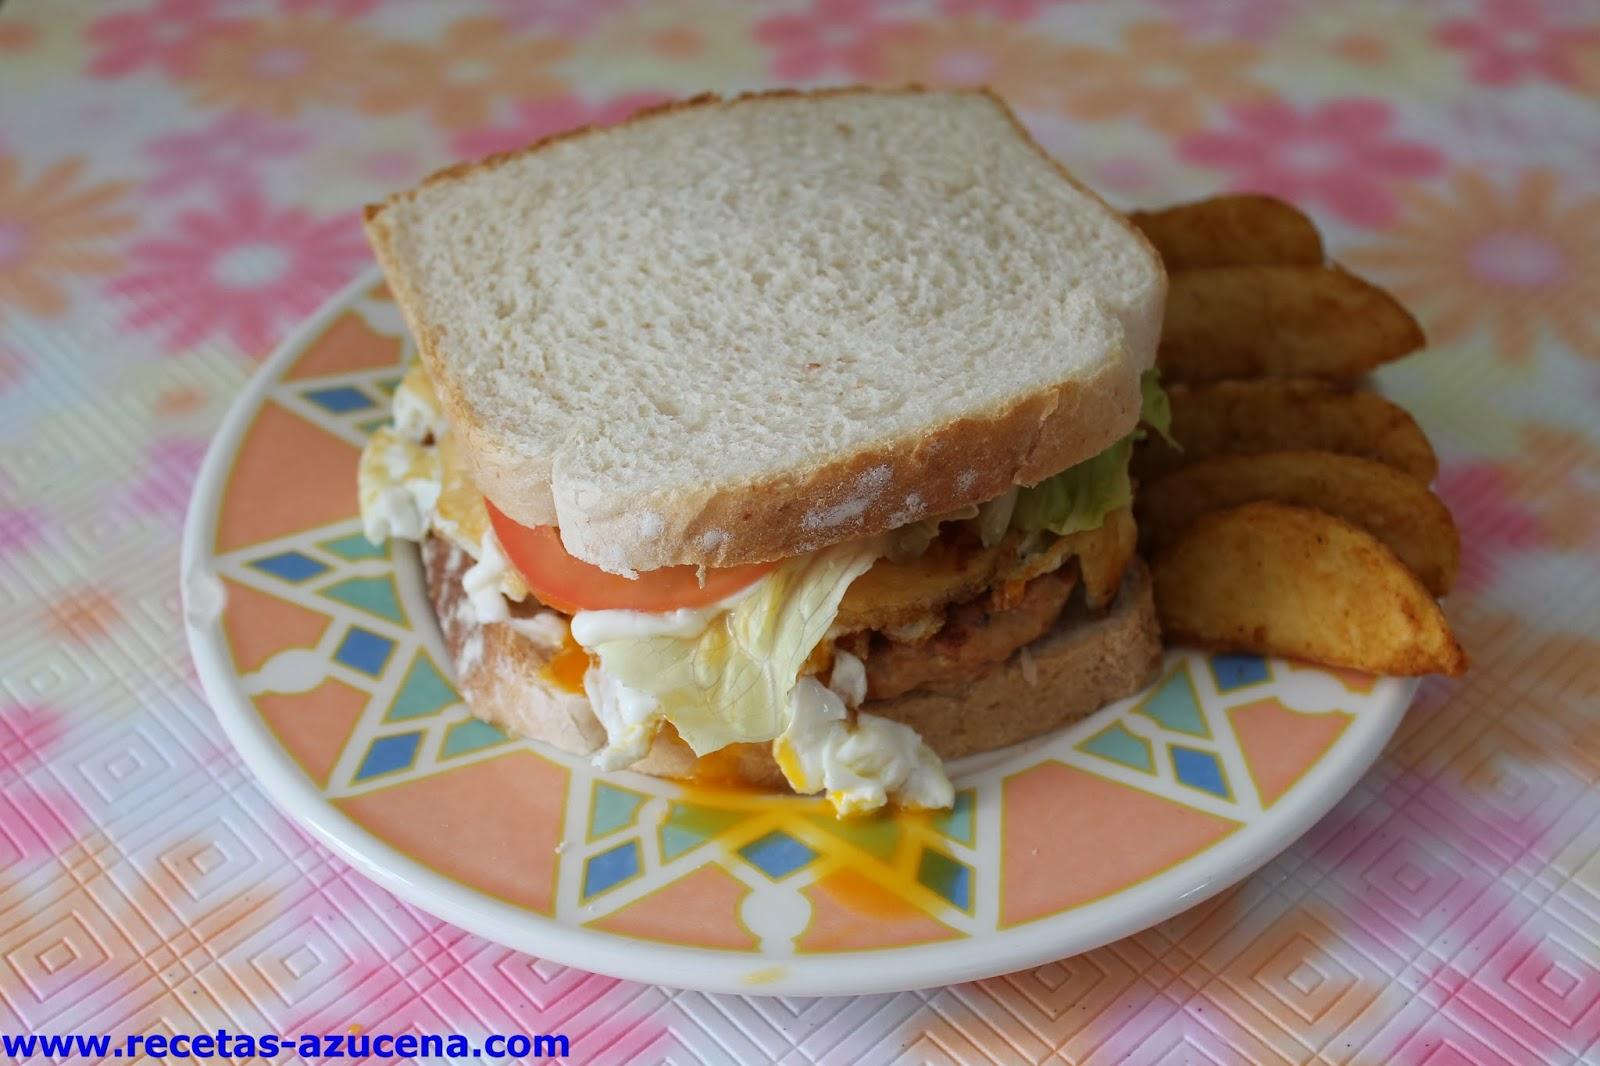 Mis recetas hamburguesa de pescado - Hamburguesas de pescado para ninos ...